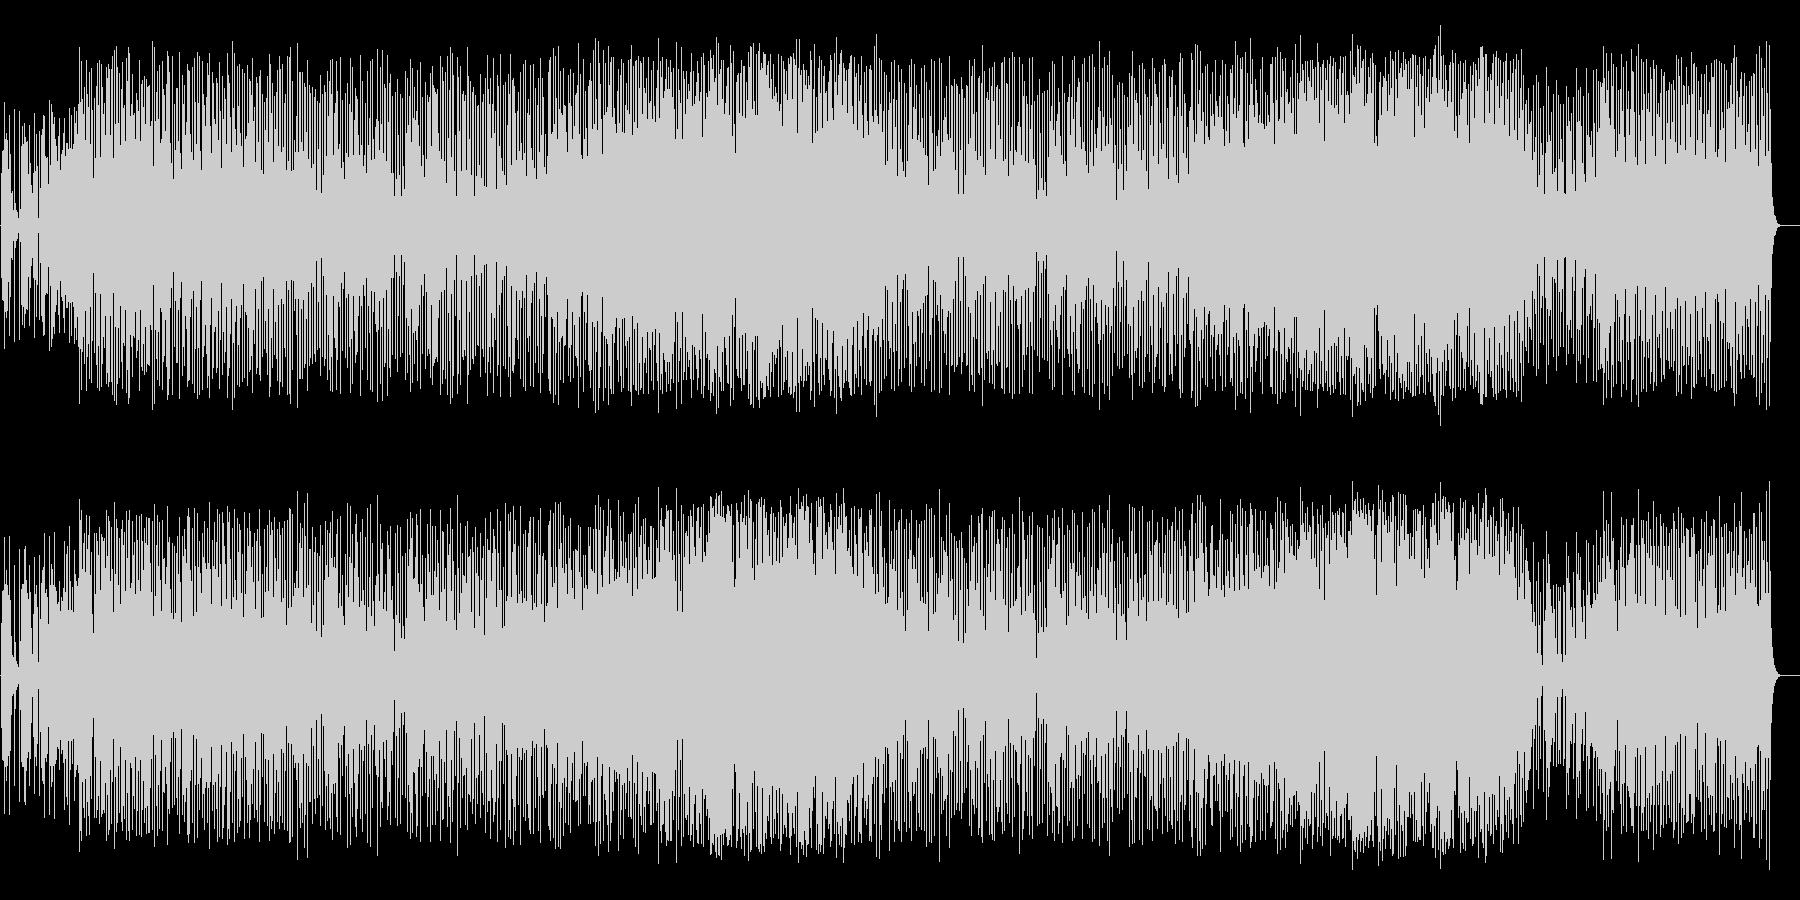 キラキラした変則高音のシンセサイザーの曲の未再生の波形